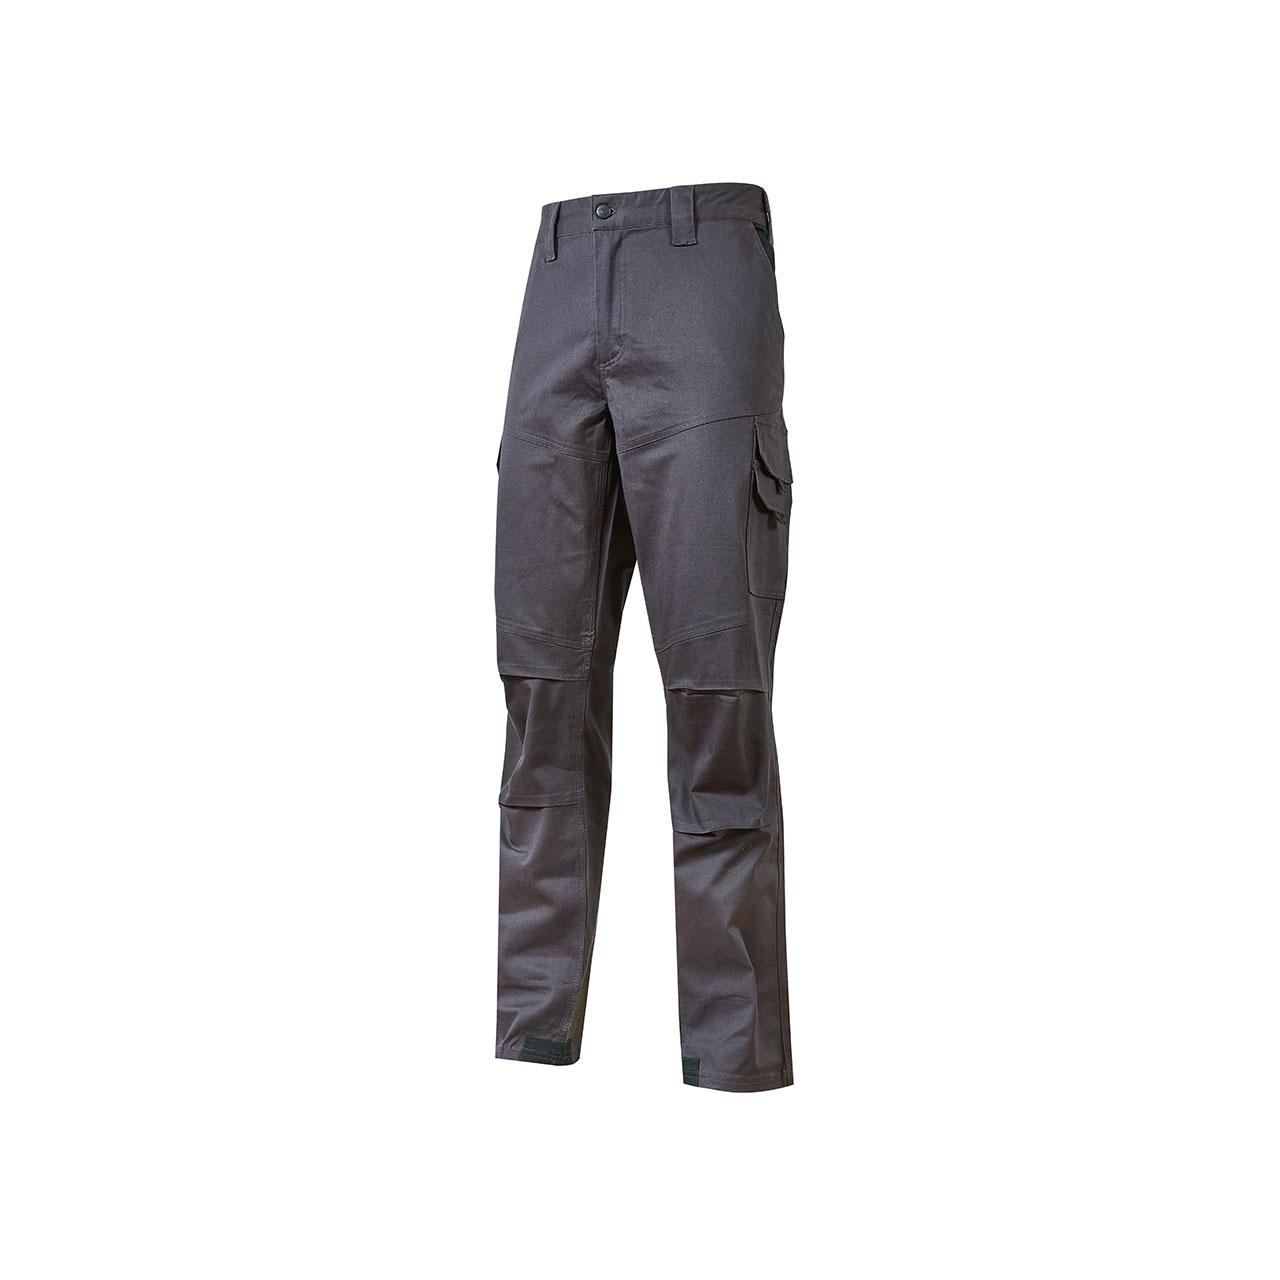 pantaloni da lavoro upower modello guapo colore grey iron